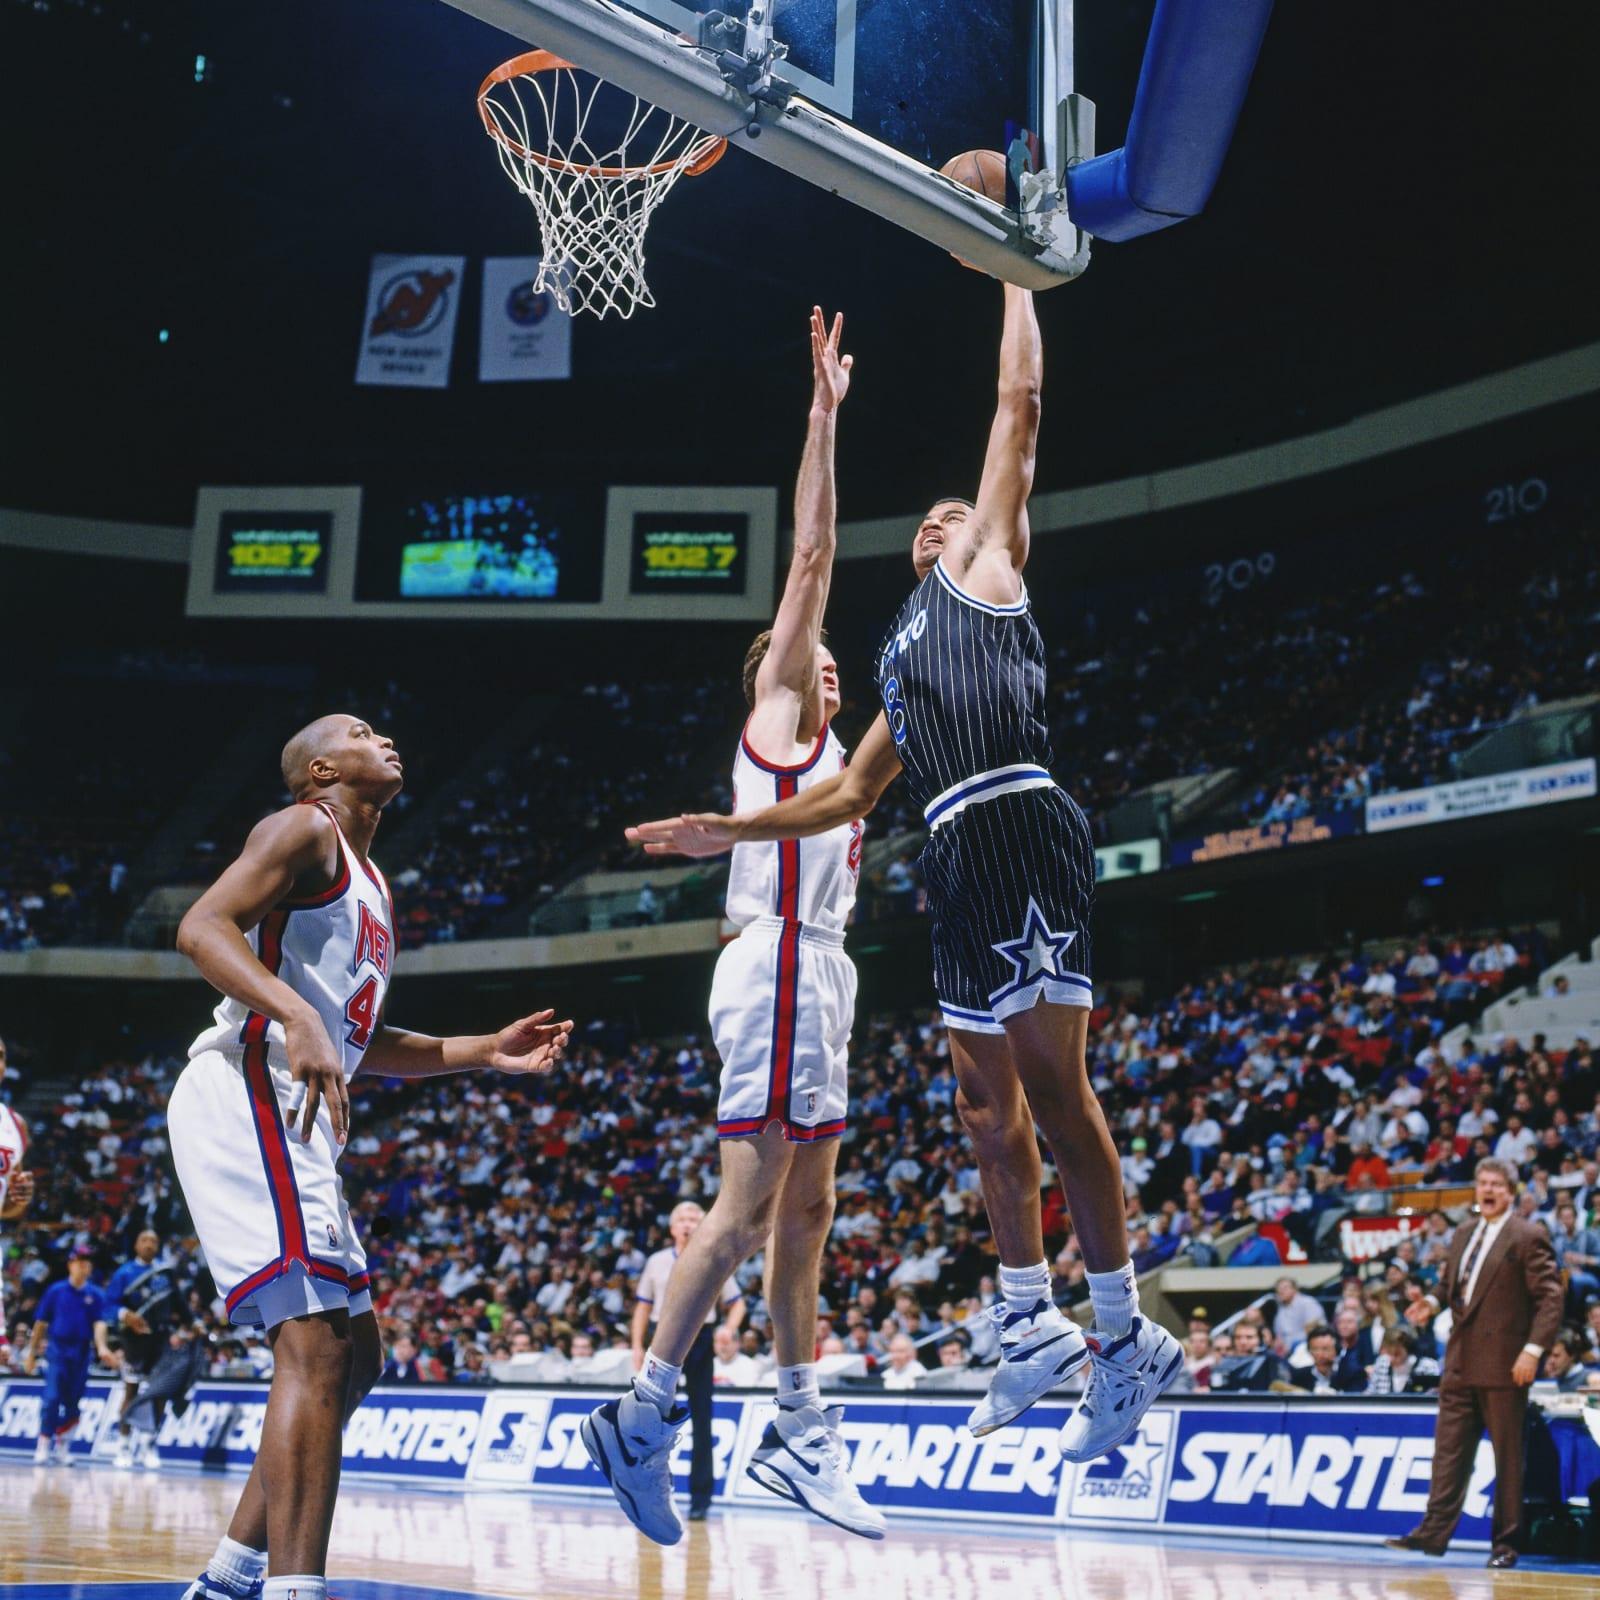 Brian Williams, Bison Dele, Orlando Magic, New Jersey Nets